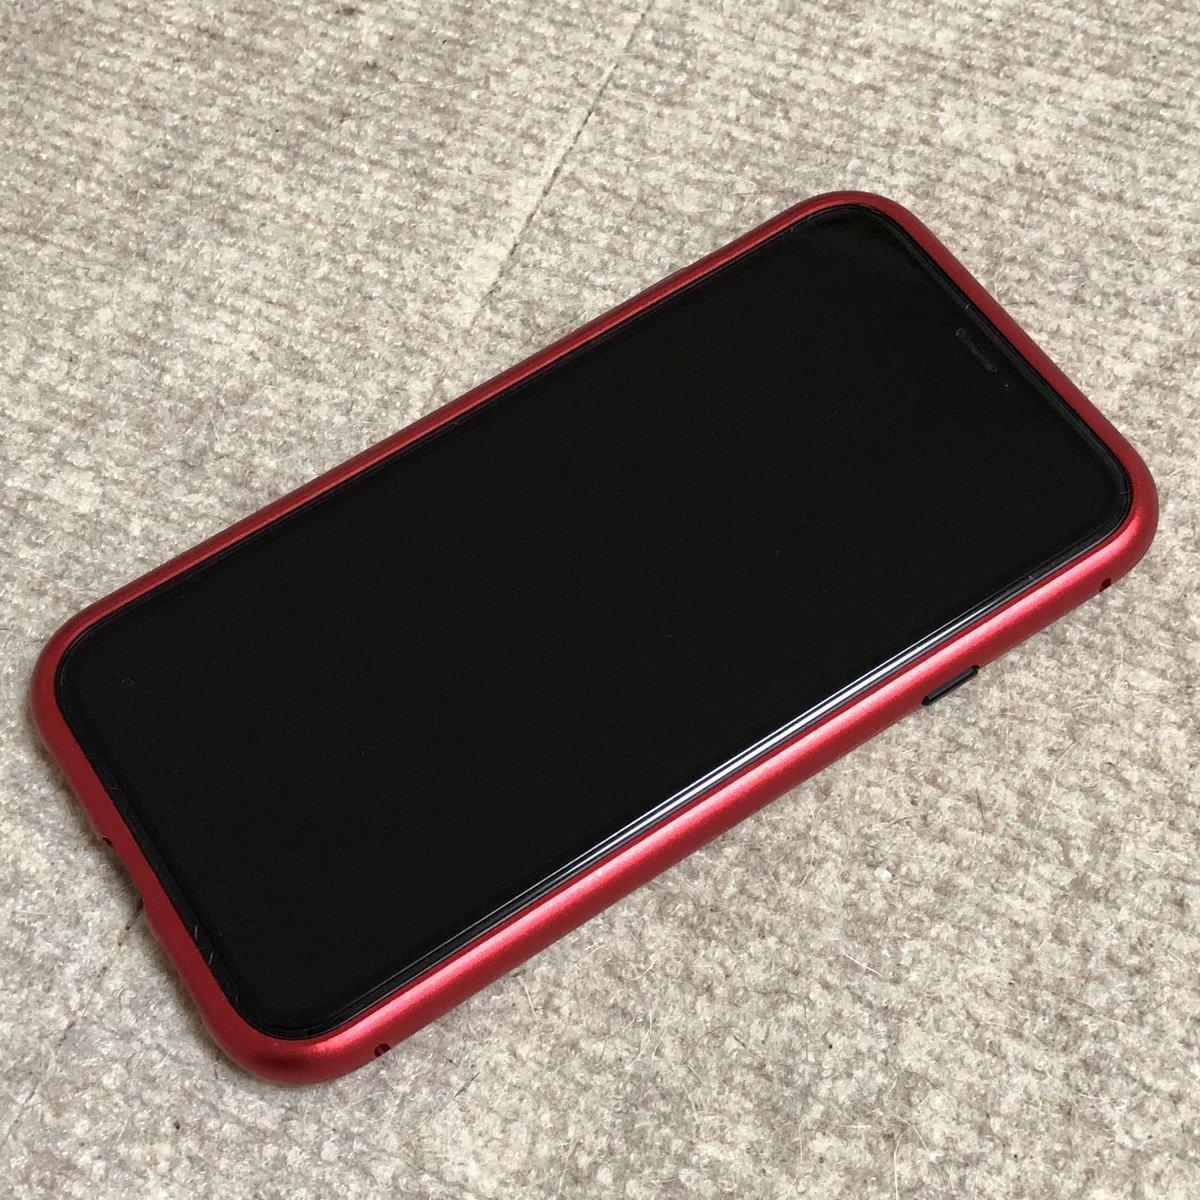 test ツイッターメディア - #ダイソー がスゲーの出した! #iPhoneXR 用アルミバンパー!500円という、もはや100均の領域をブチ破った高額商品で面白い。 モナカ式バンパーで、磁石で接続。横のボタンもアルミだったら言うことなしやったなぁ。でも落としたらワンバウンド目でマグネットが外れて、丸裸でツーバウンド目かな… https://t.co/FyuY2mFiIA